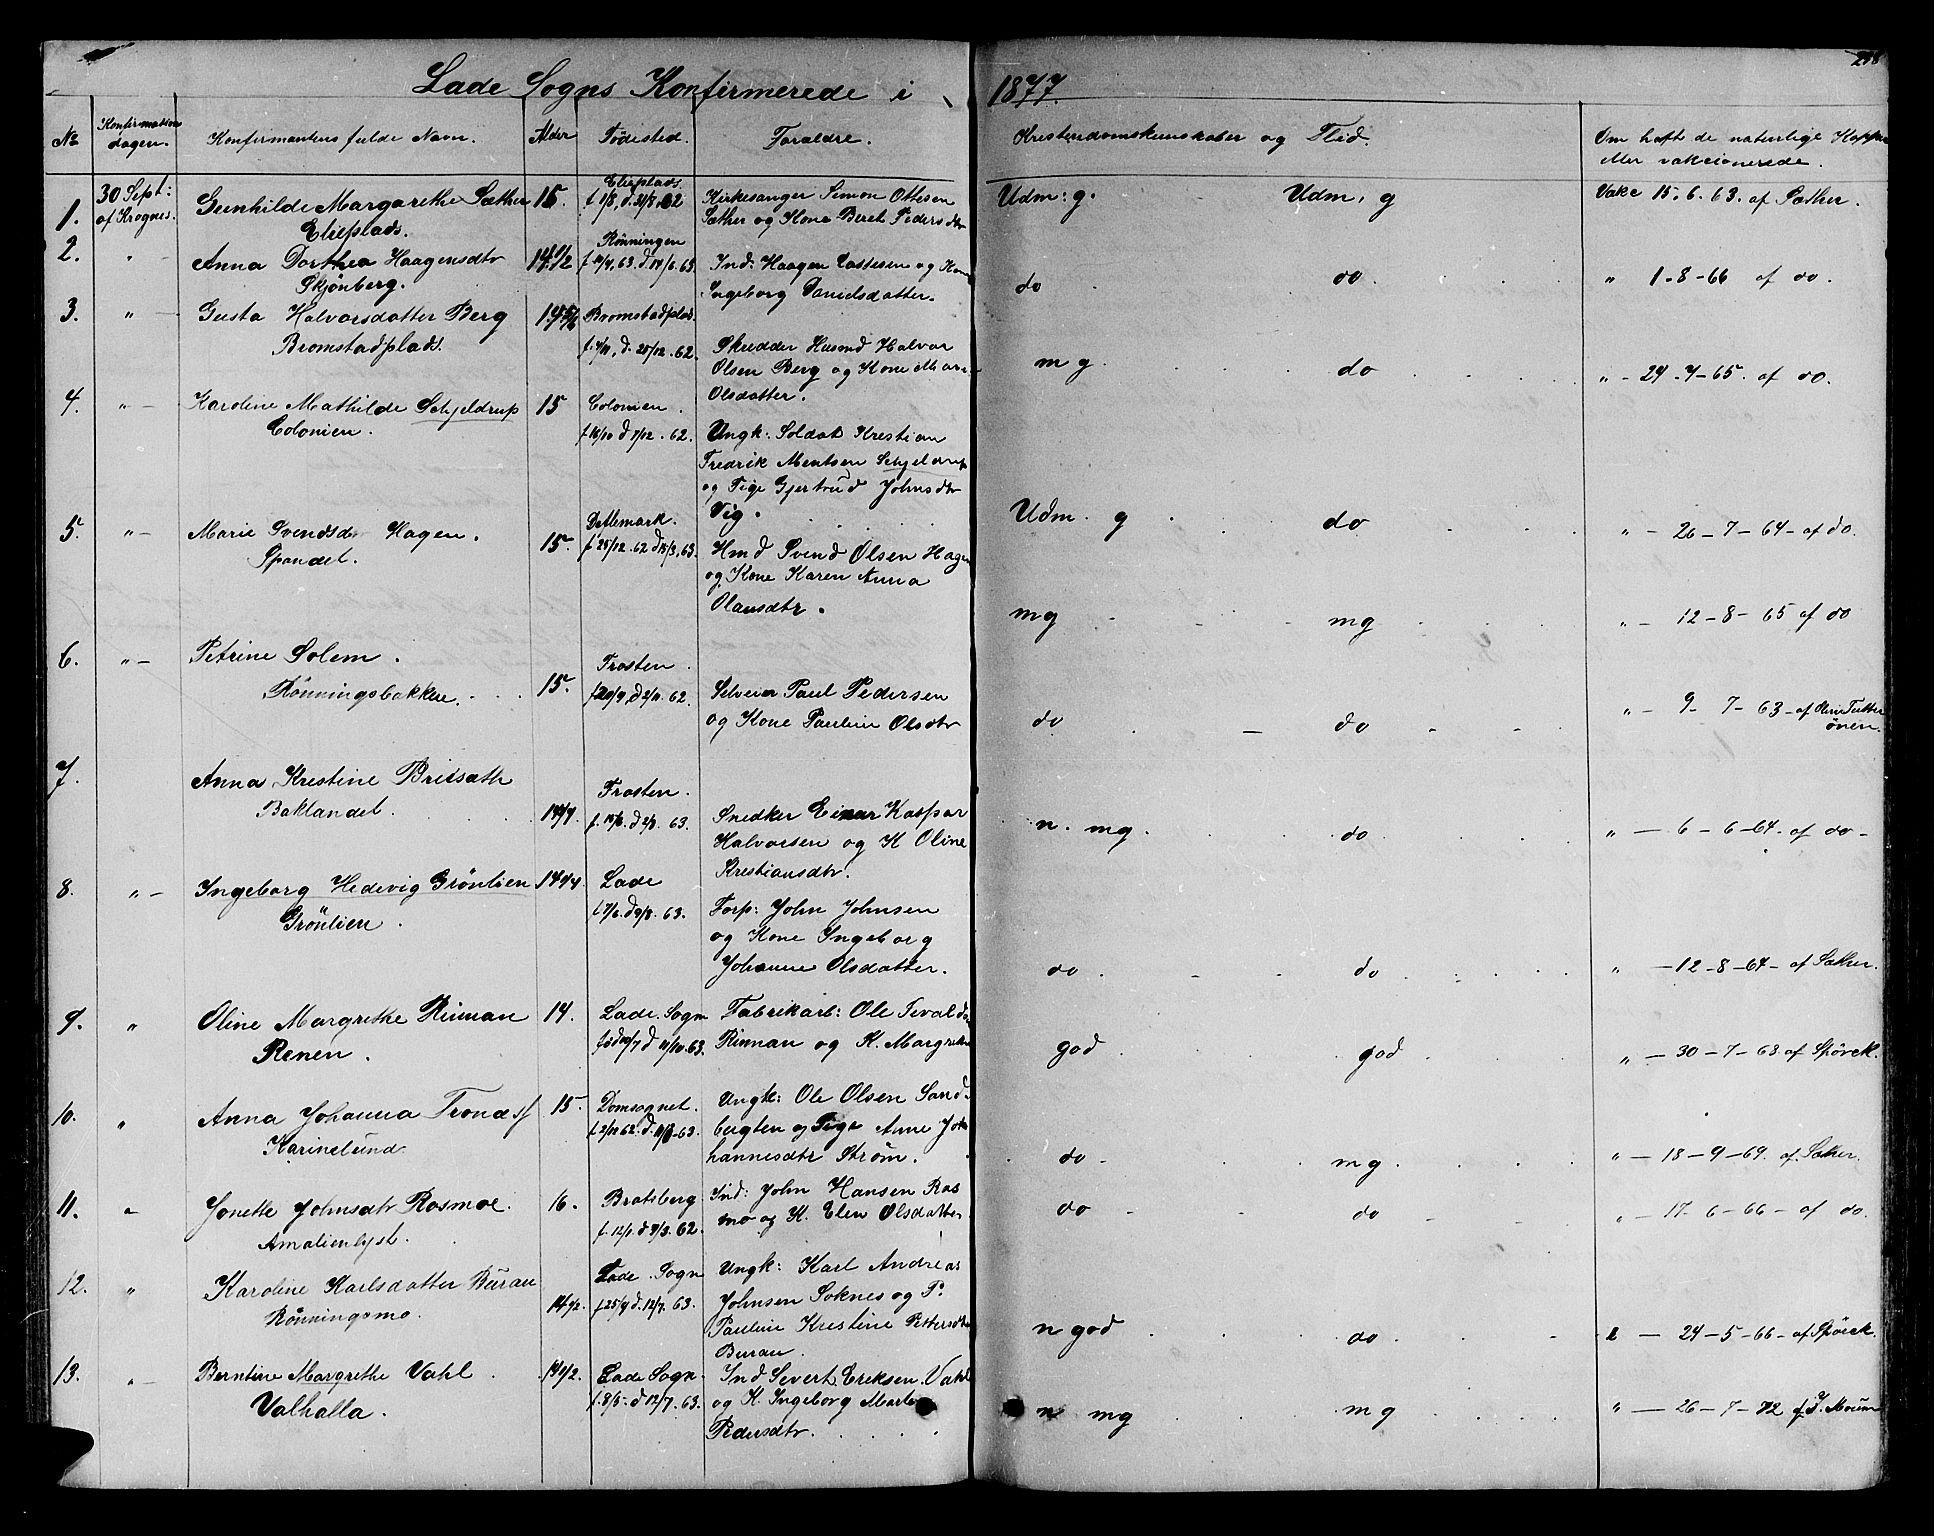 SAT, Ministerialprotokoller, klokkerbøker og fødselsregistre - Sør-Trøndelag, 606/L0311: Klokkerbok nr. 606C07, 1860-1877, s. 258